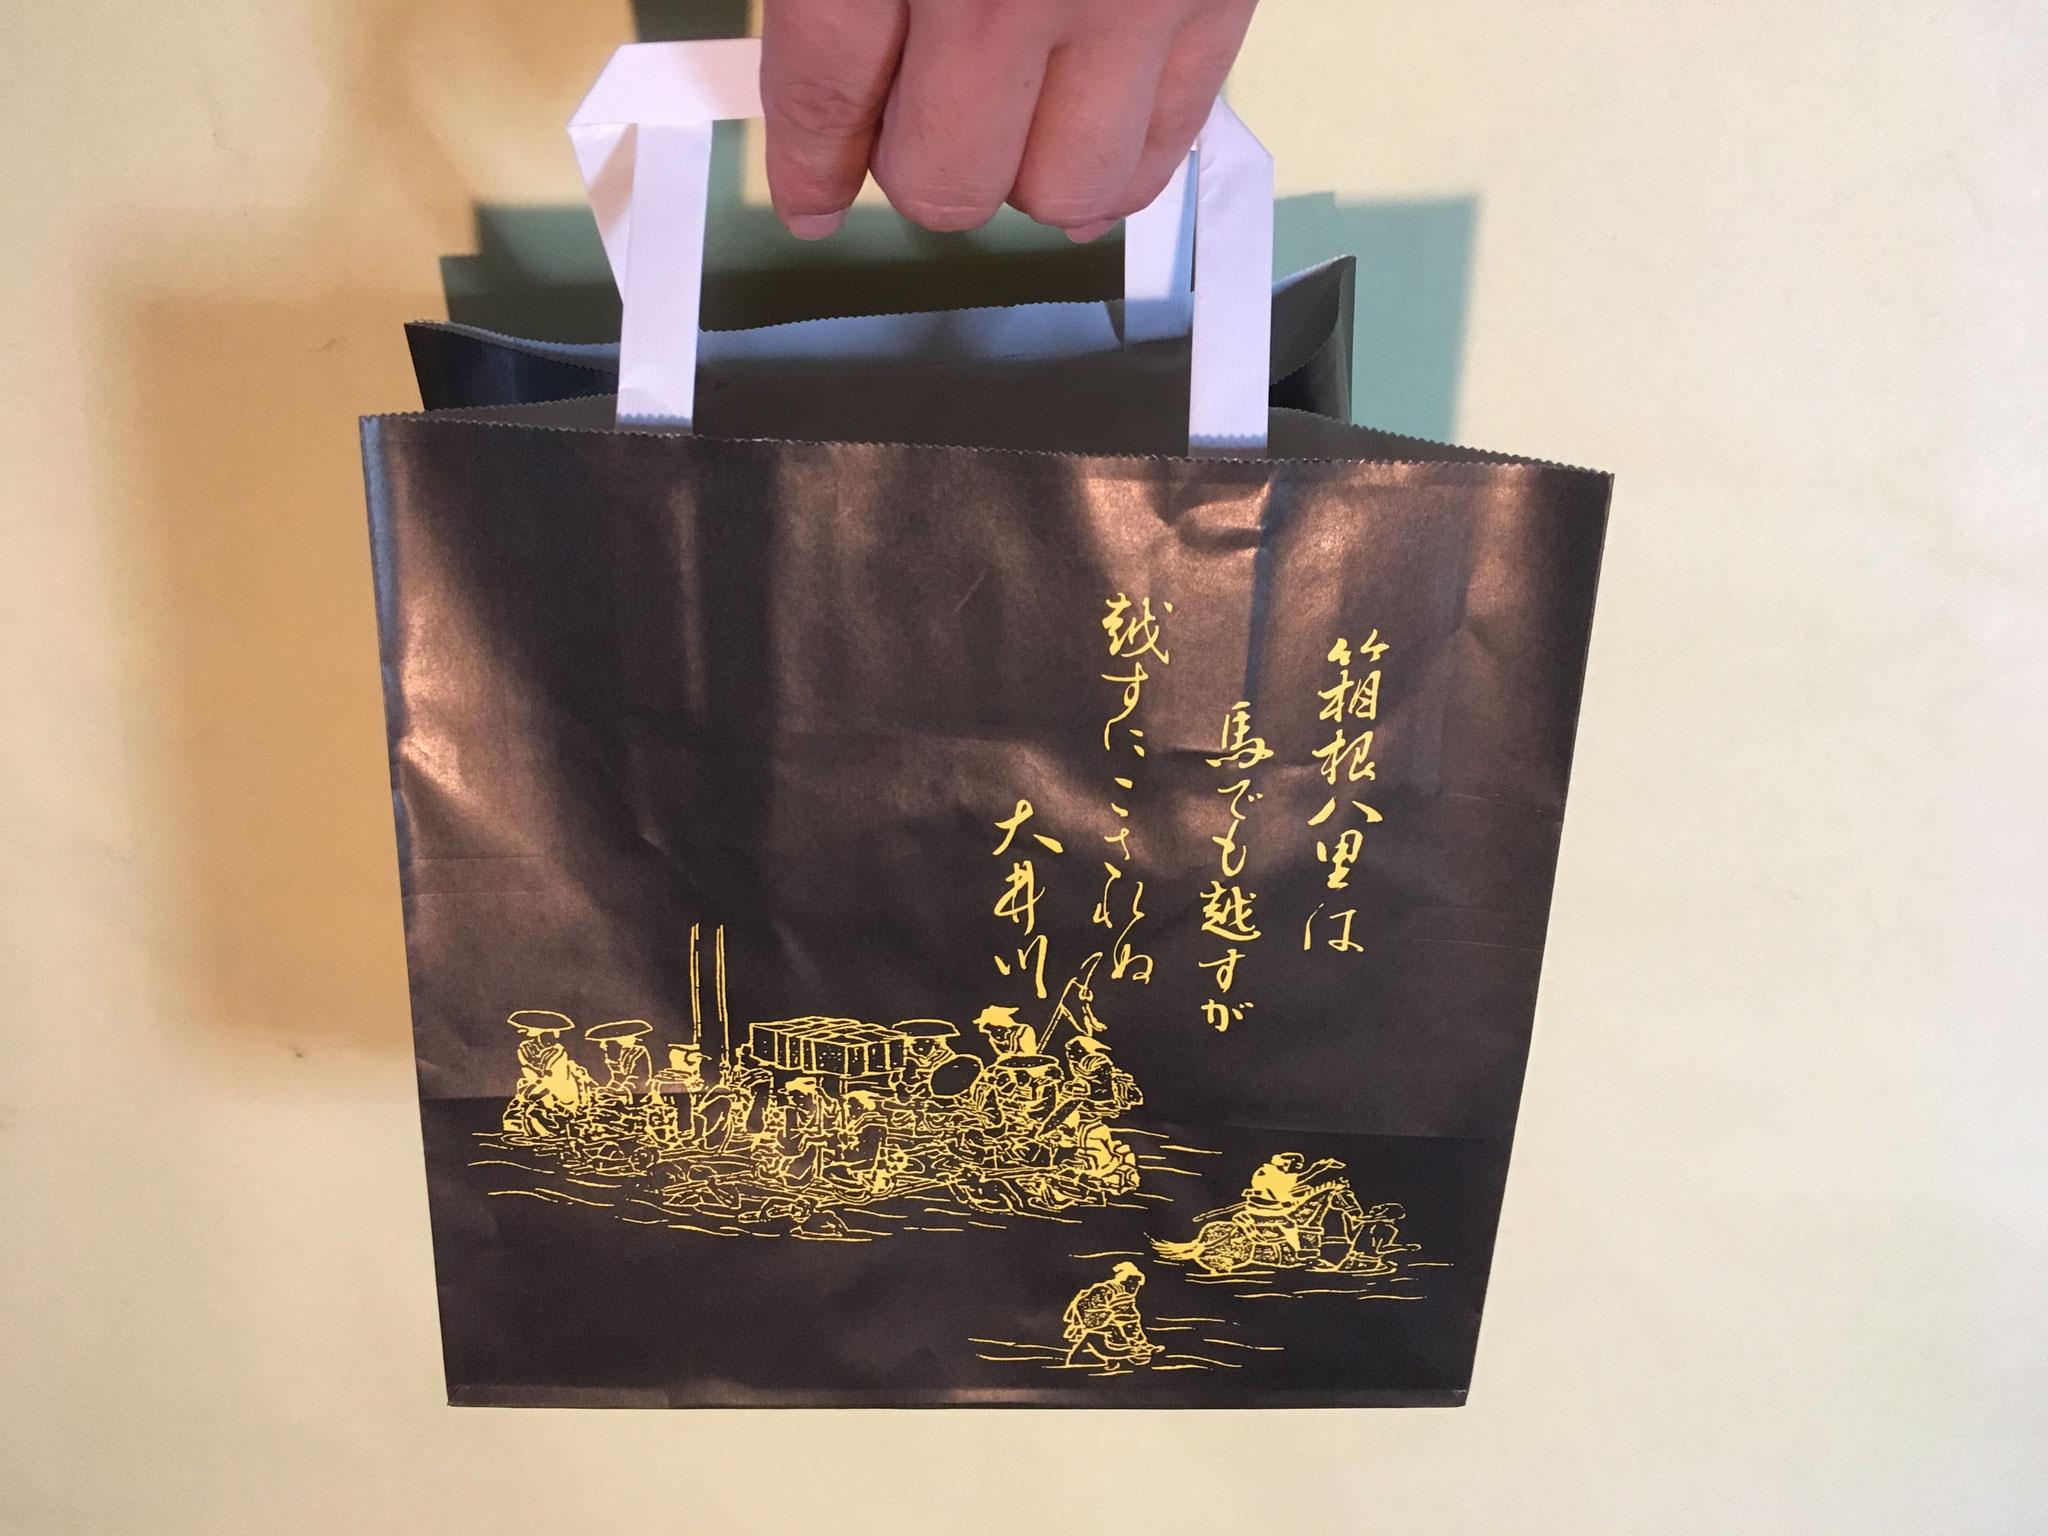 島田らしい 大井川蓮台越の手提げ袋